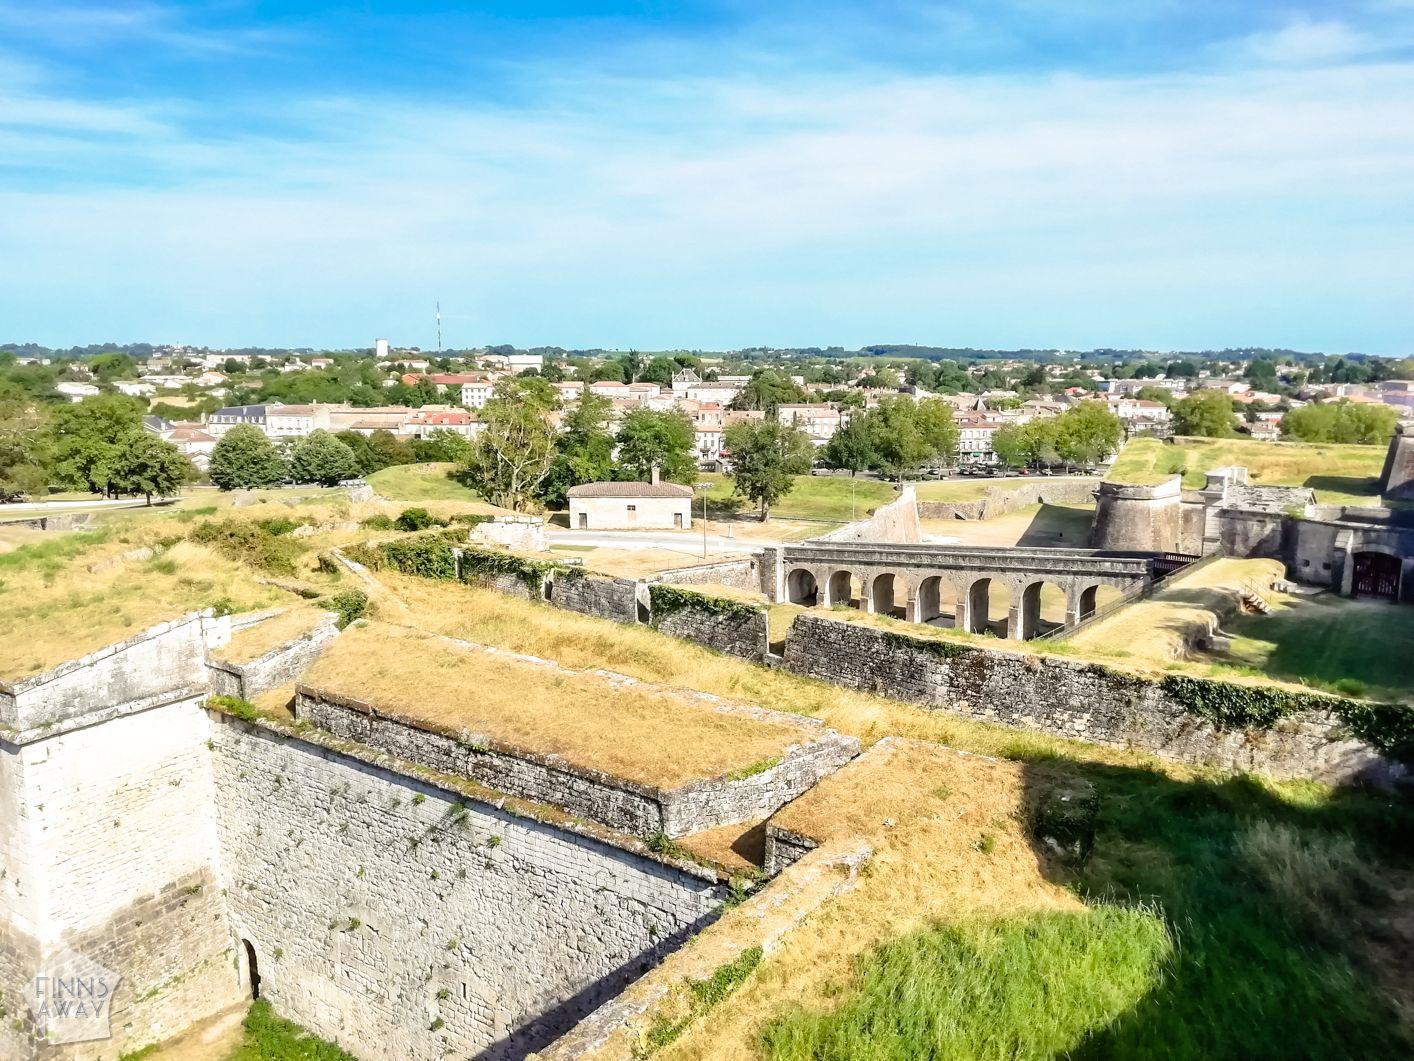 Citadel of Blaye, France | FinnsAway Travel Blog